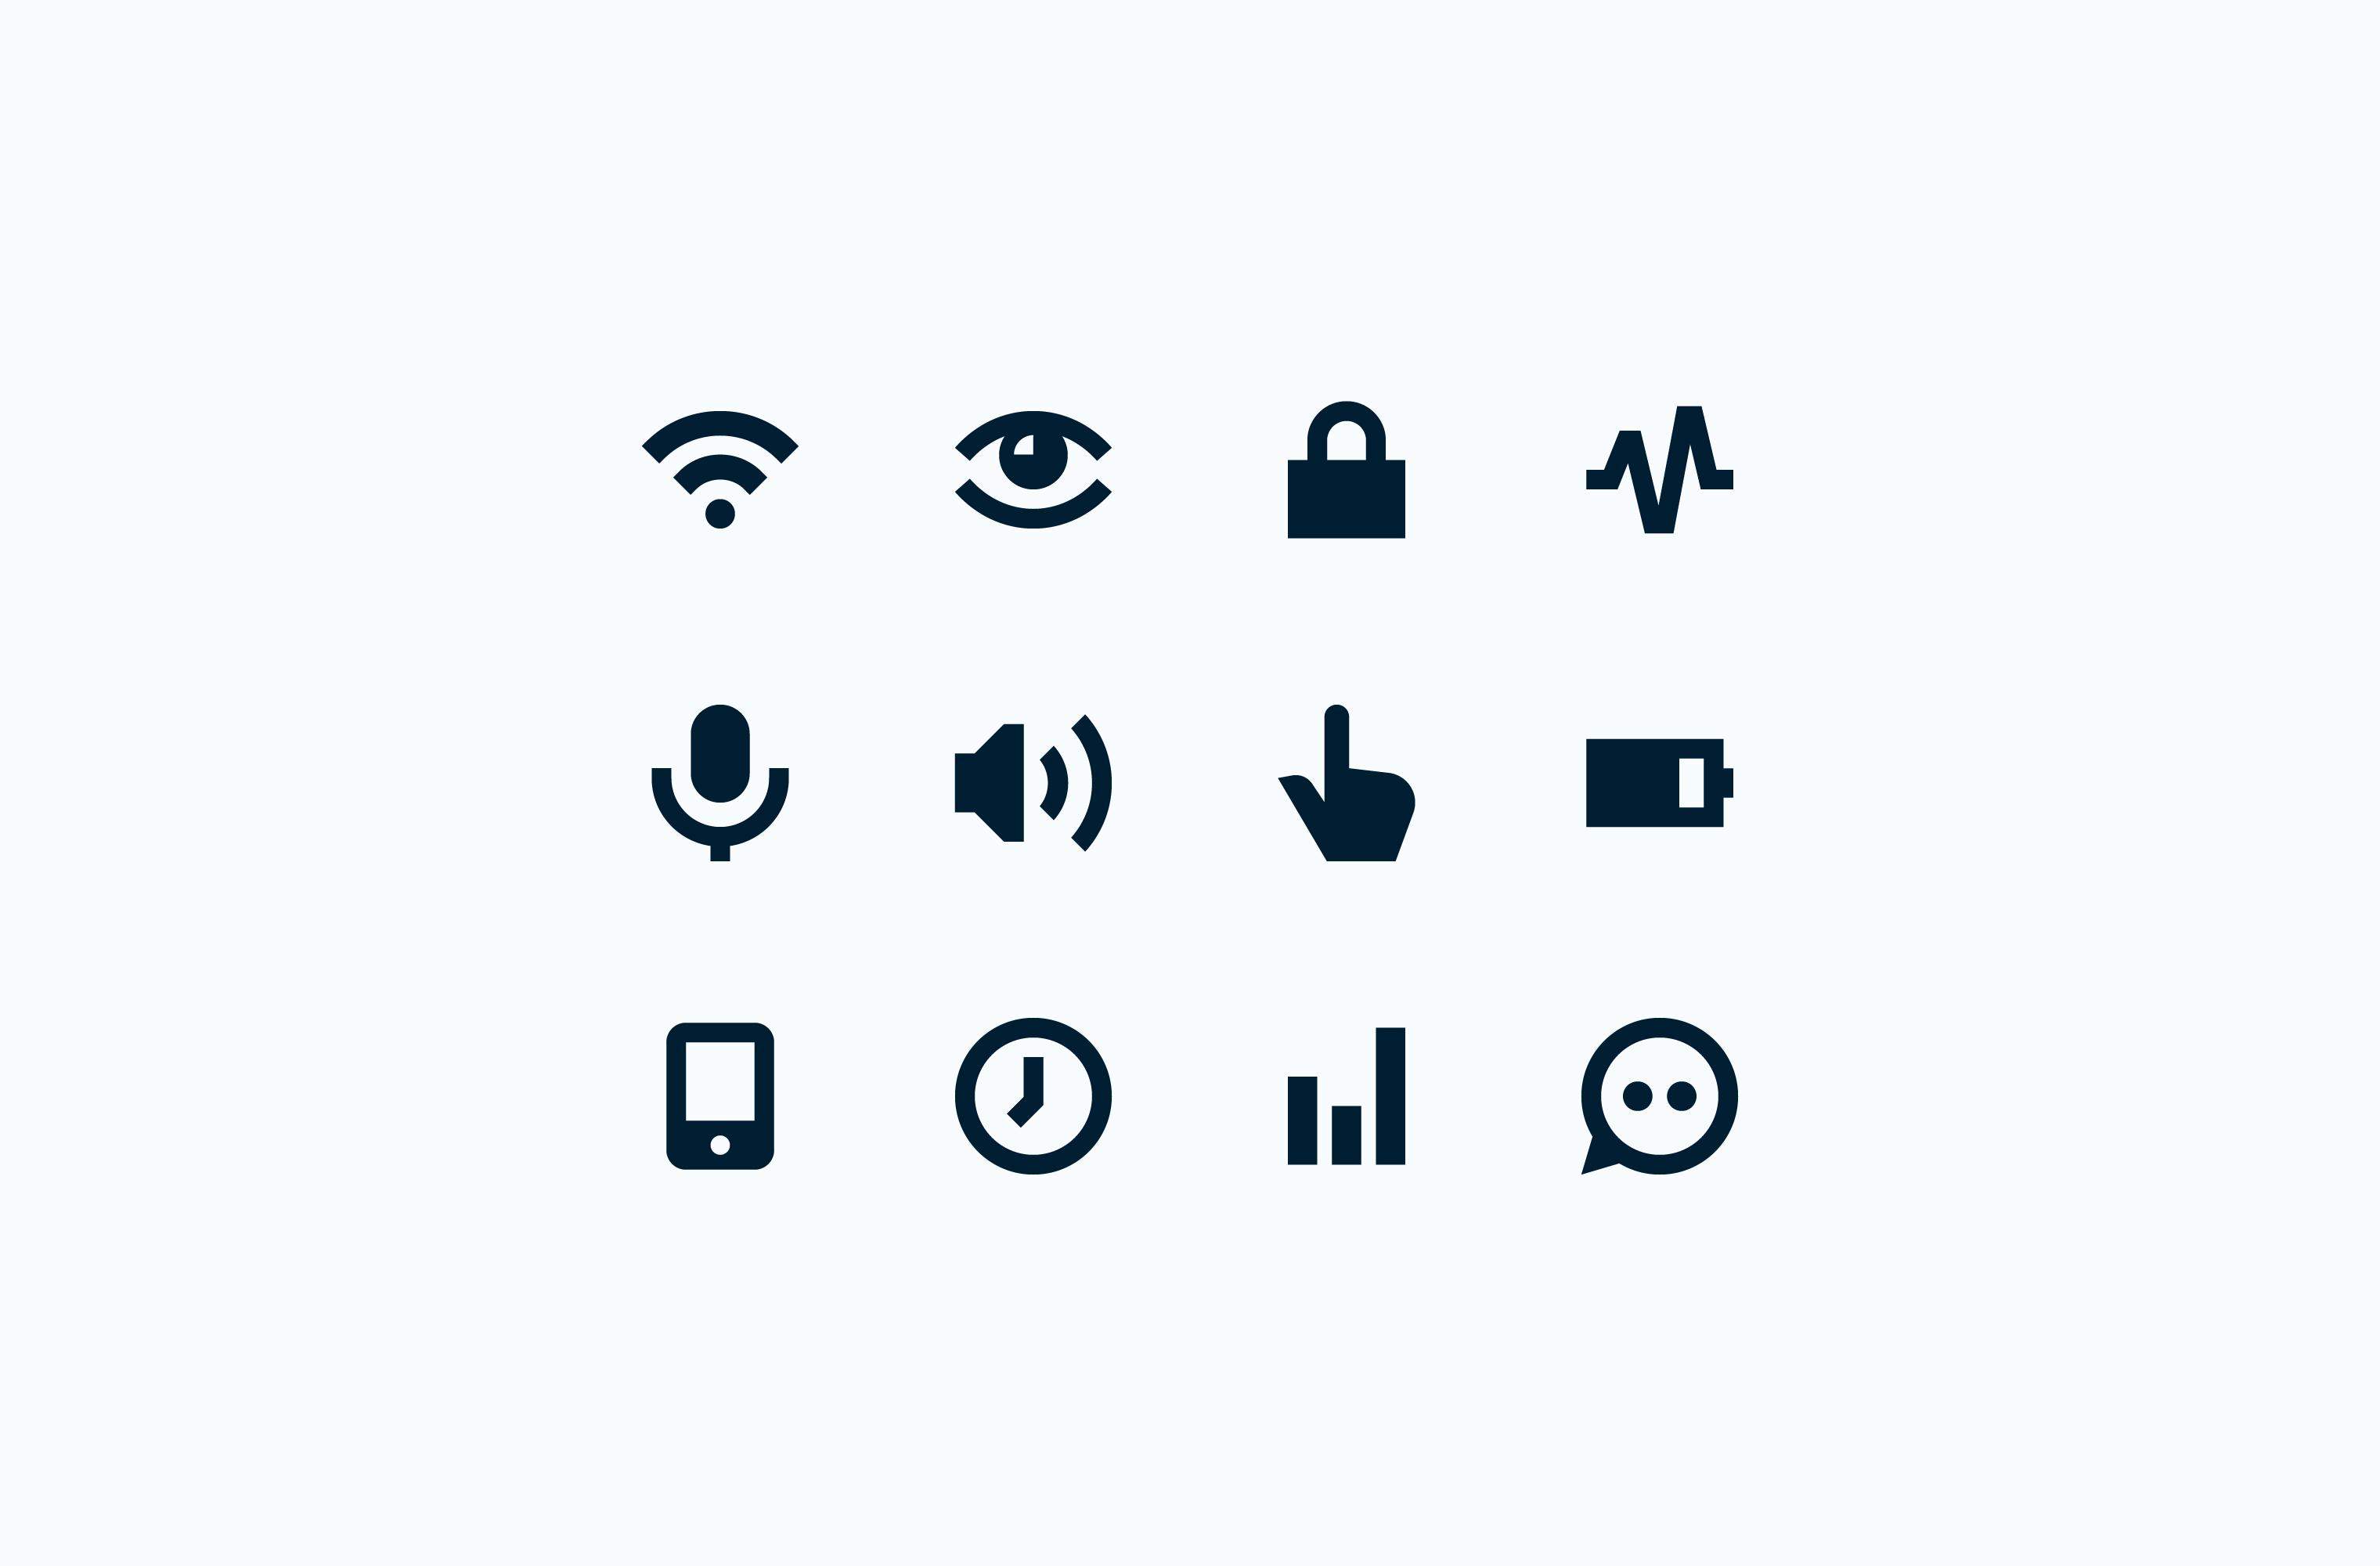 Pria user interface icon set